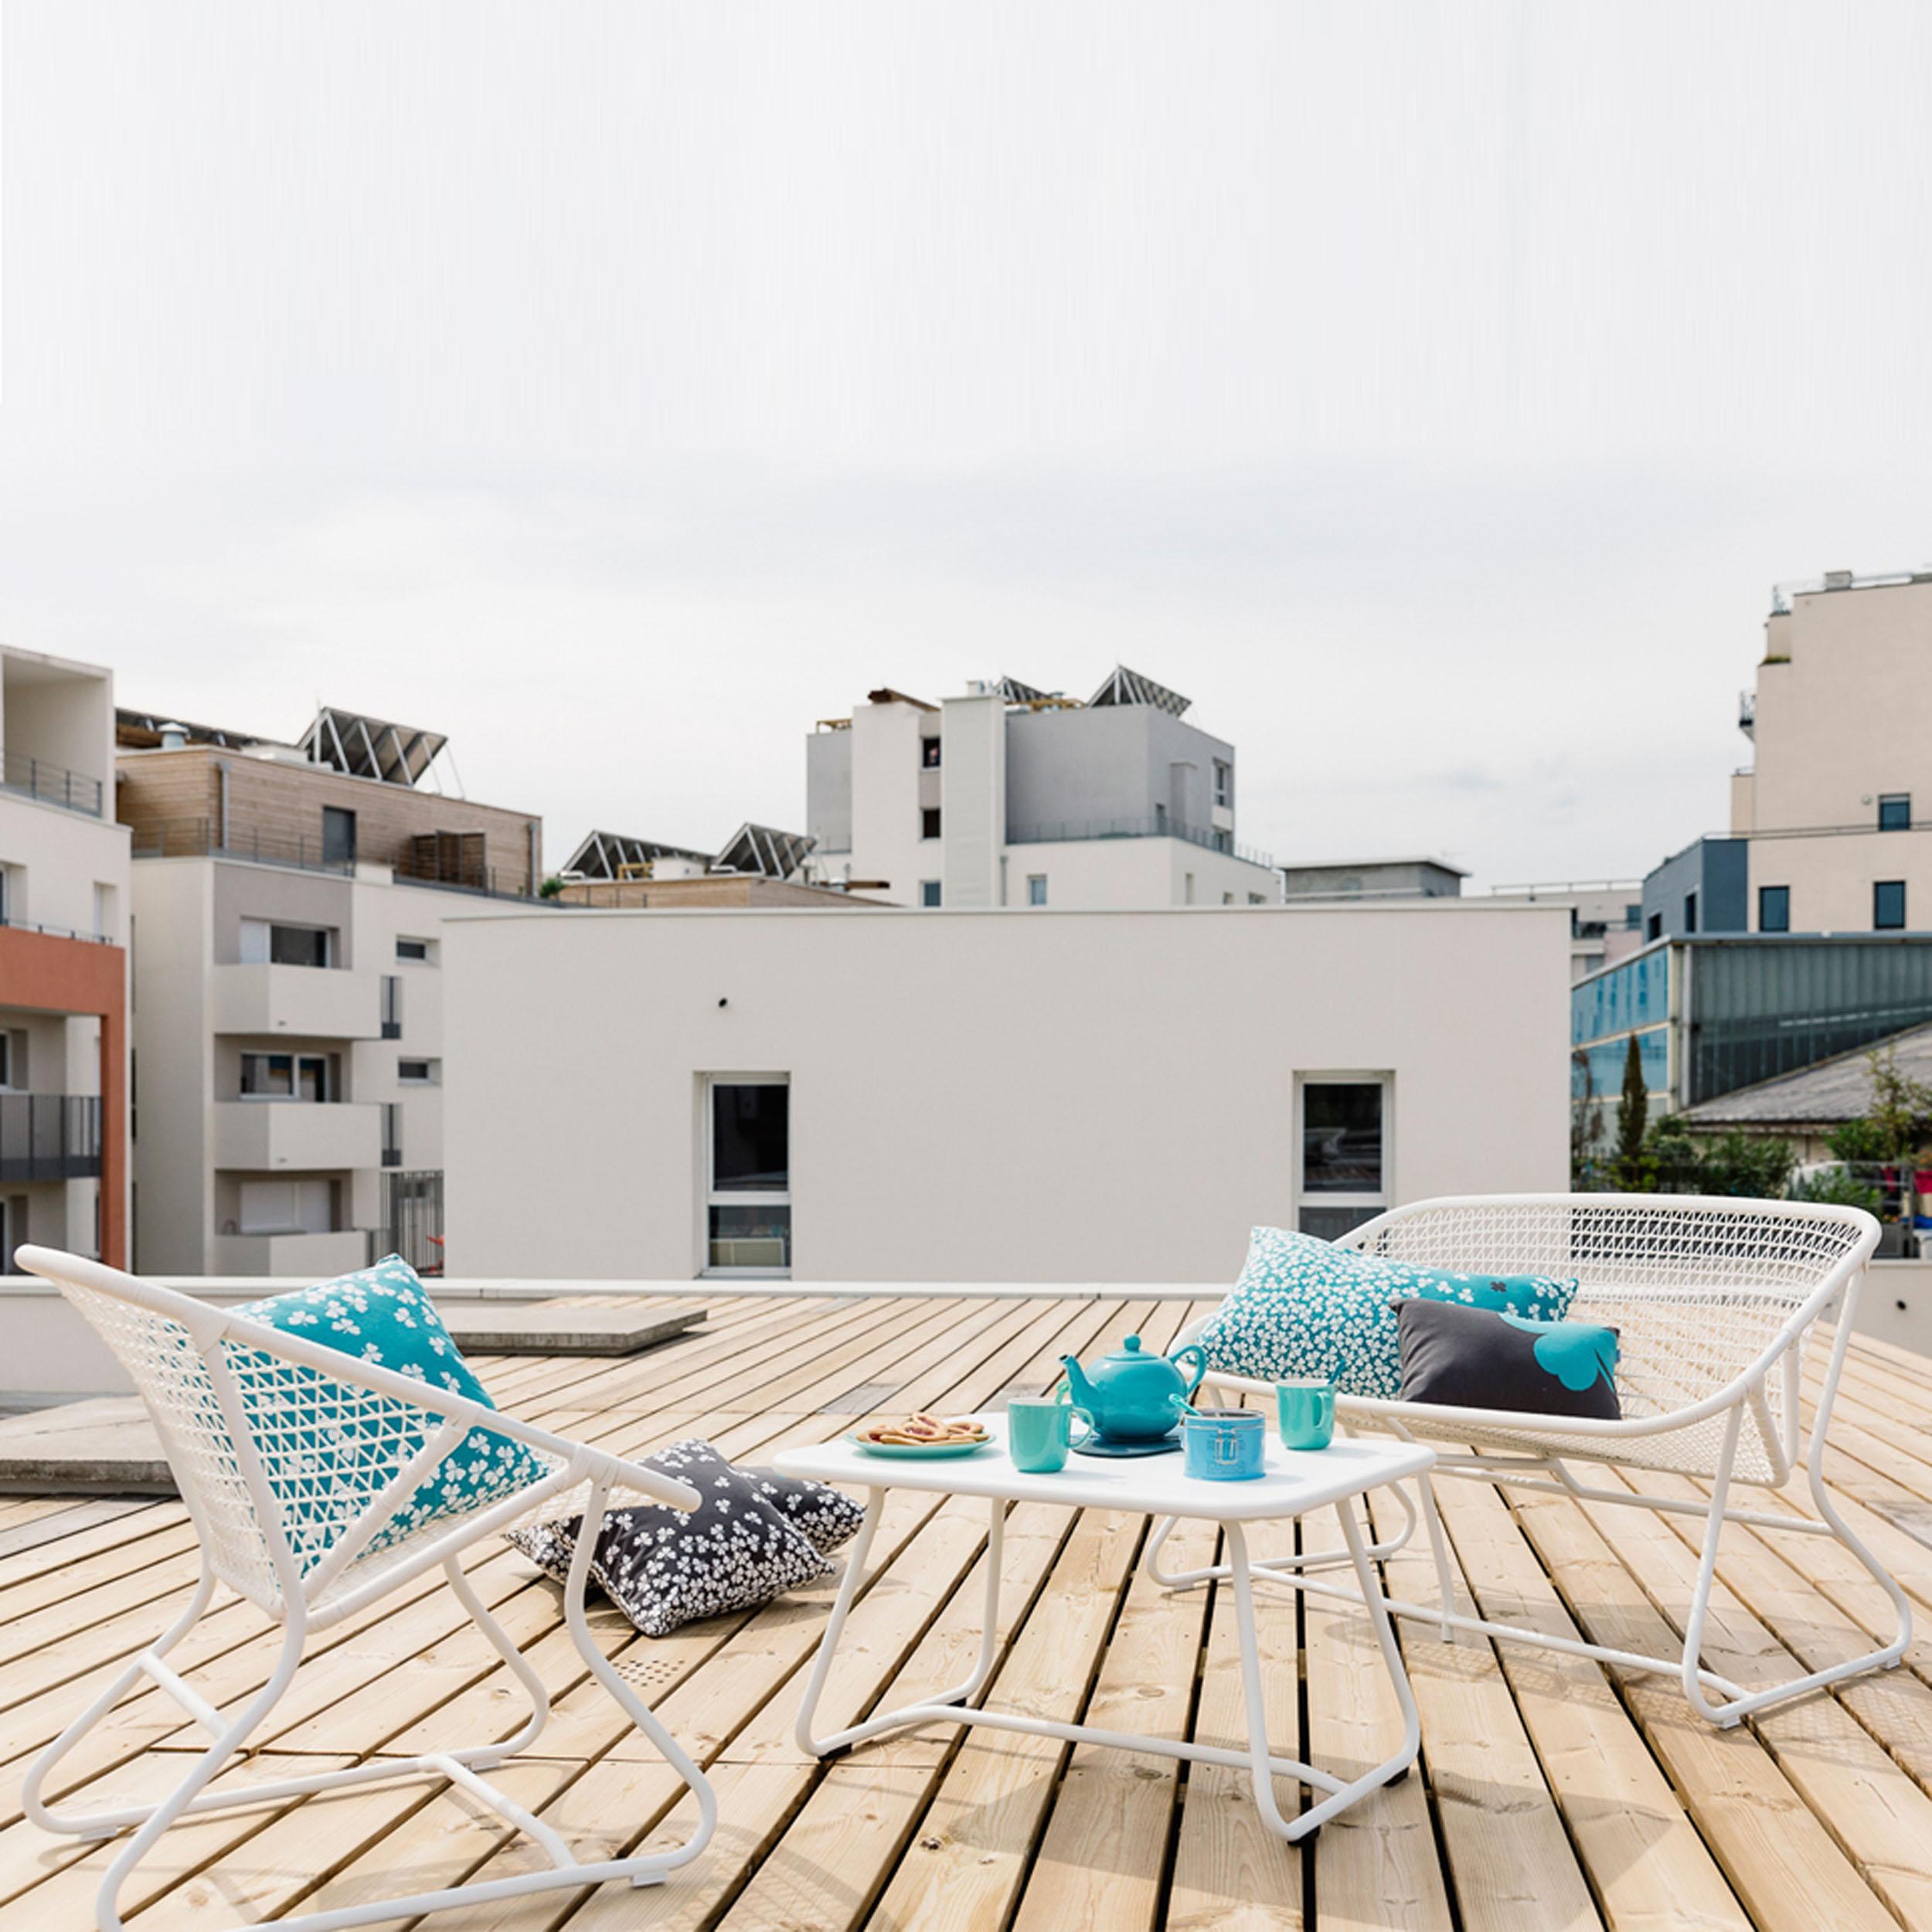 platzsparend ideen sessel de, stilvolle ideen für garten und terrasse, Innenarchitektur